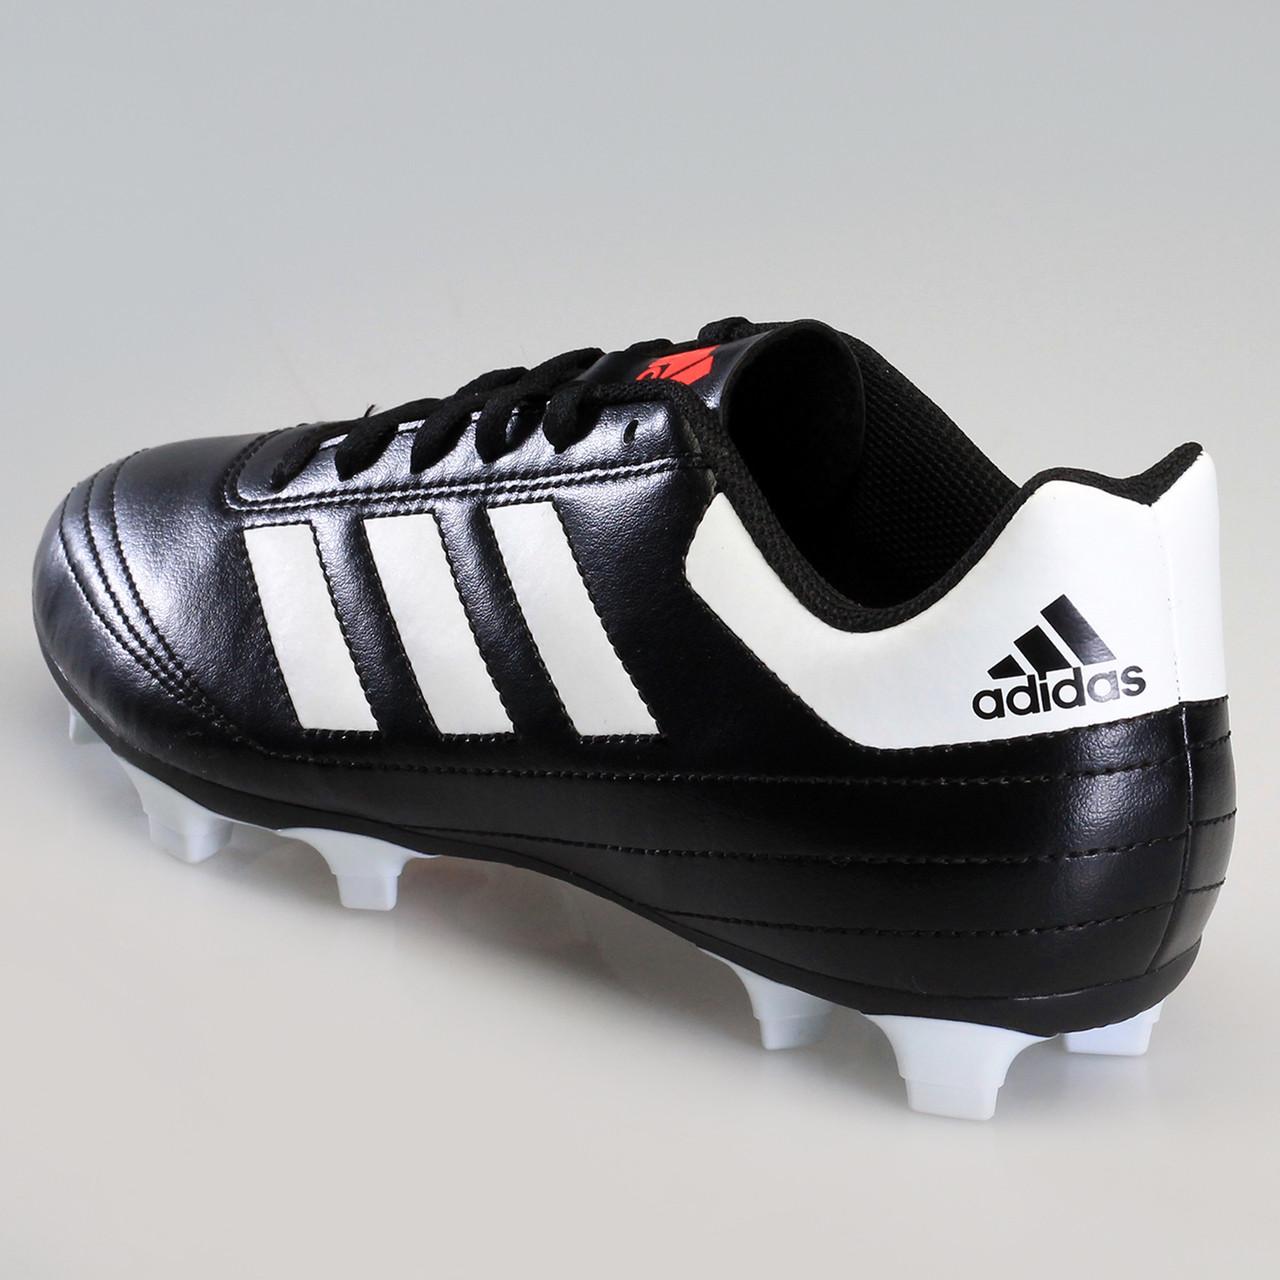 99d813ef377 ... Adidas Goletto VI FG Men s Soccer Cleats AQ4281 ...